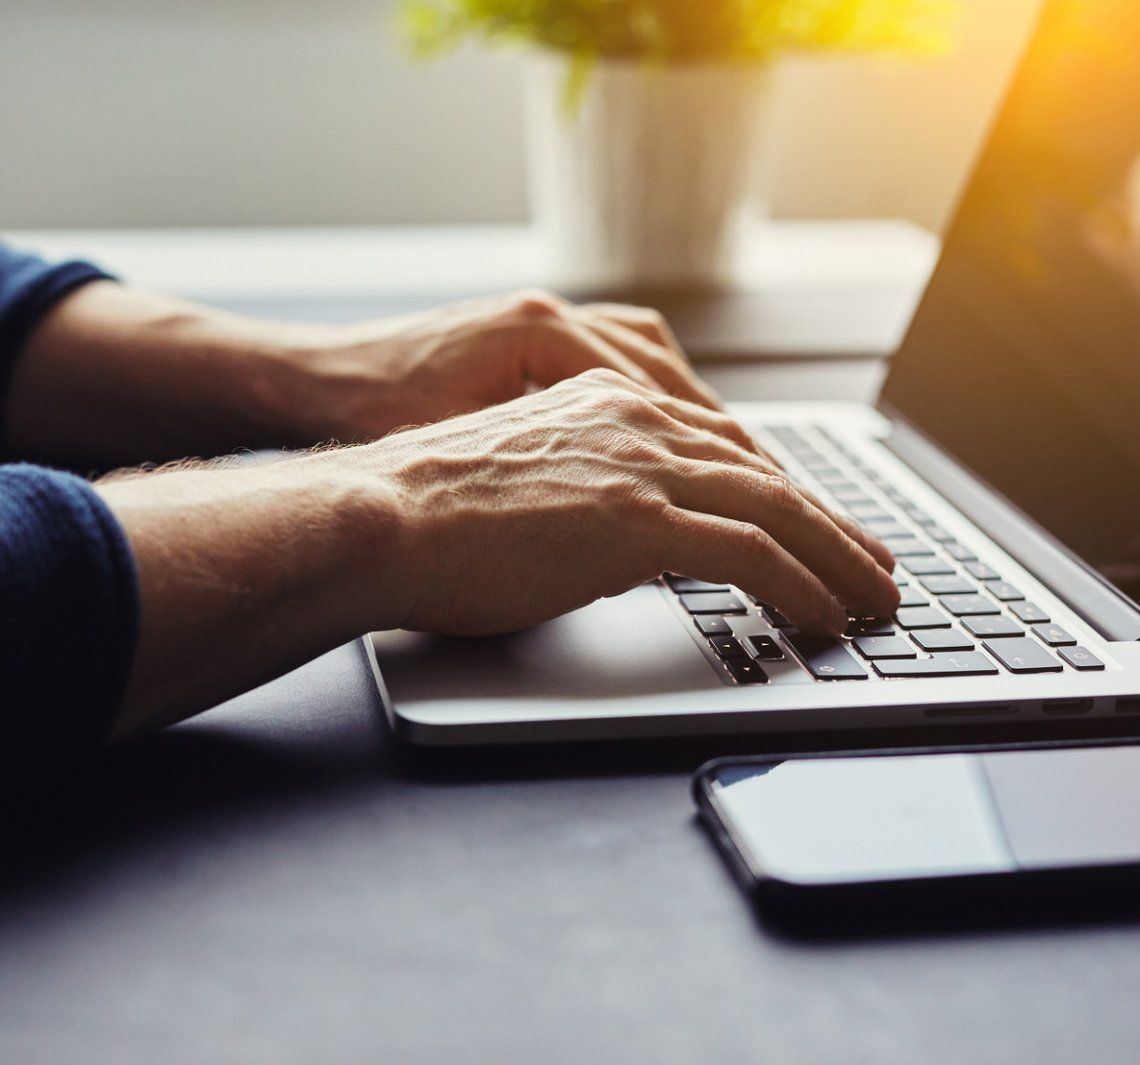 Por qué cada vez más empresas eligen la nube e Internet para guardar su información más valiosa